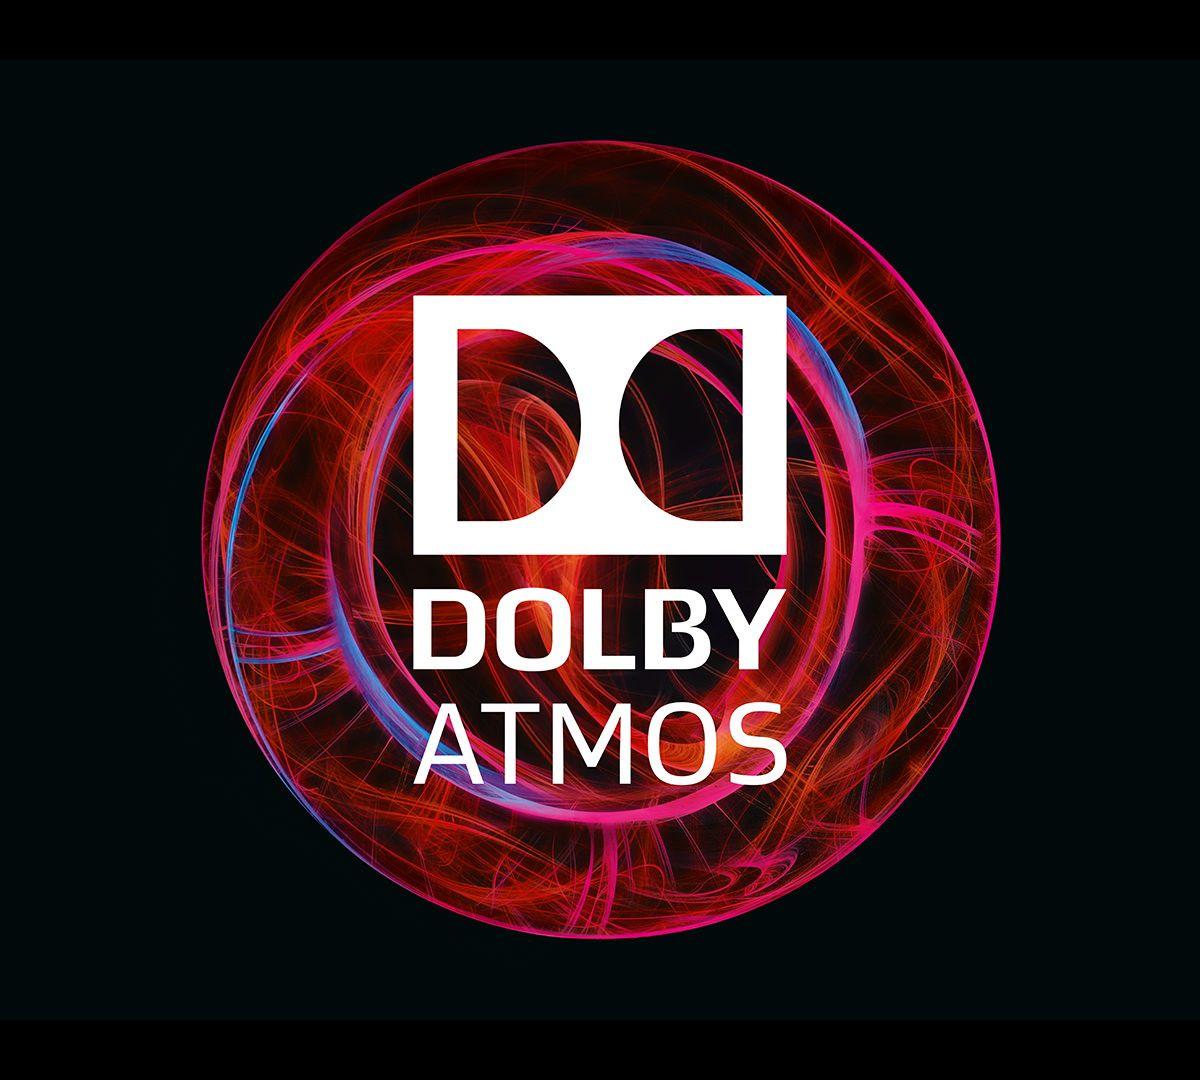 Risultati immagini per dolby atmos logo